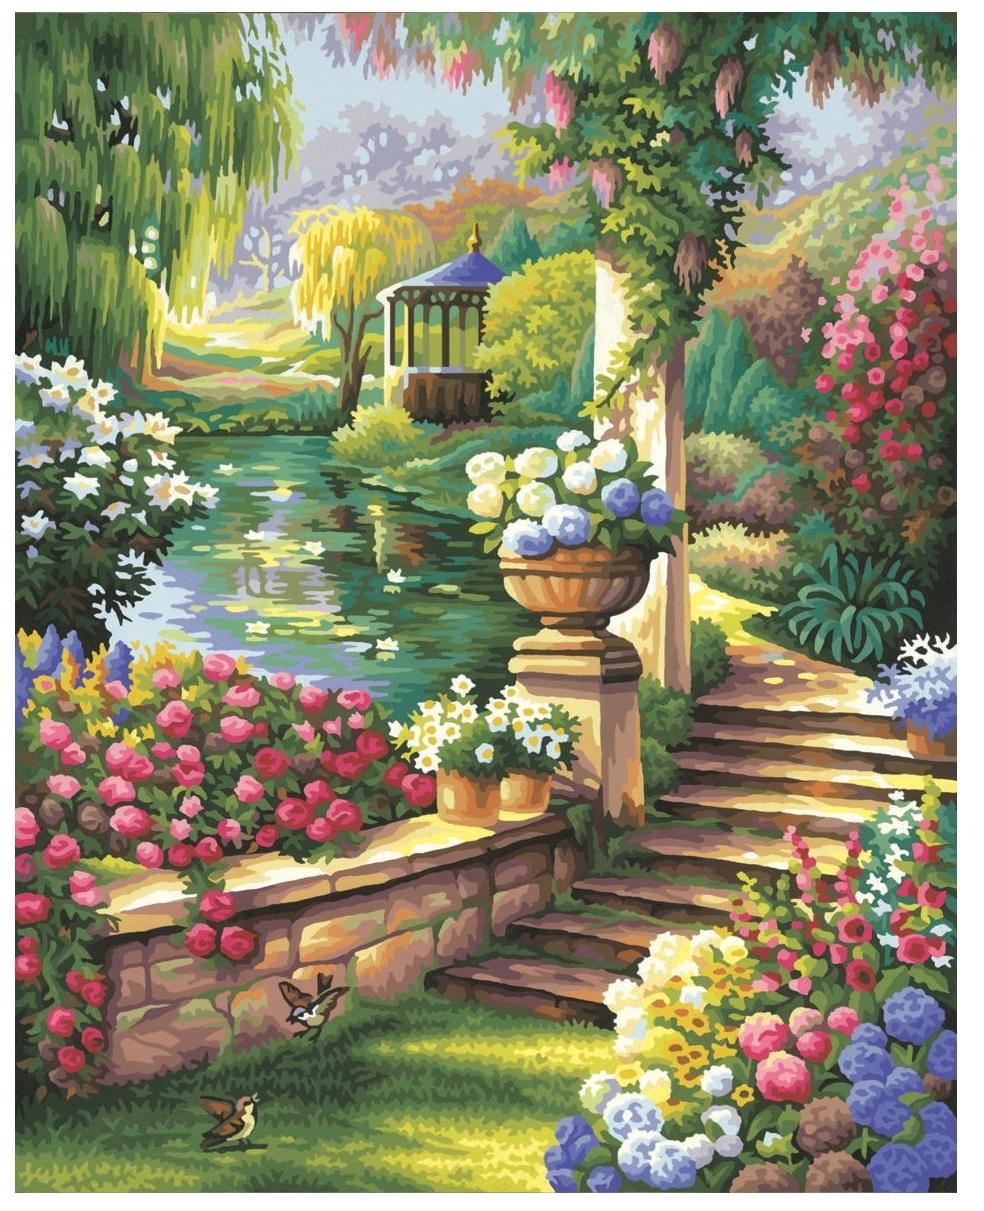 Купить Раскраска по номерам - Райский сад, 40 х 50 см, Schipper